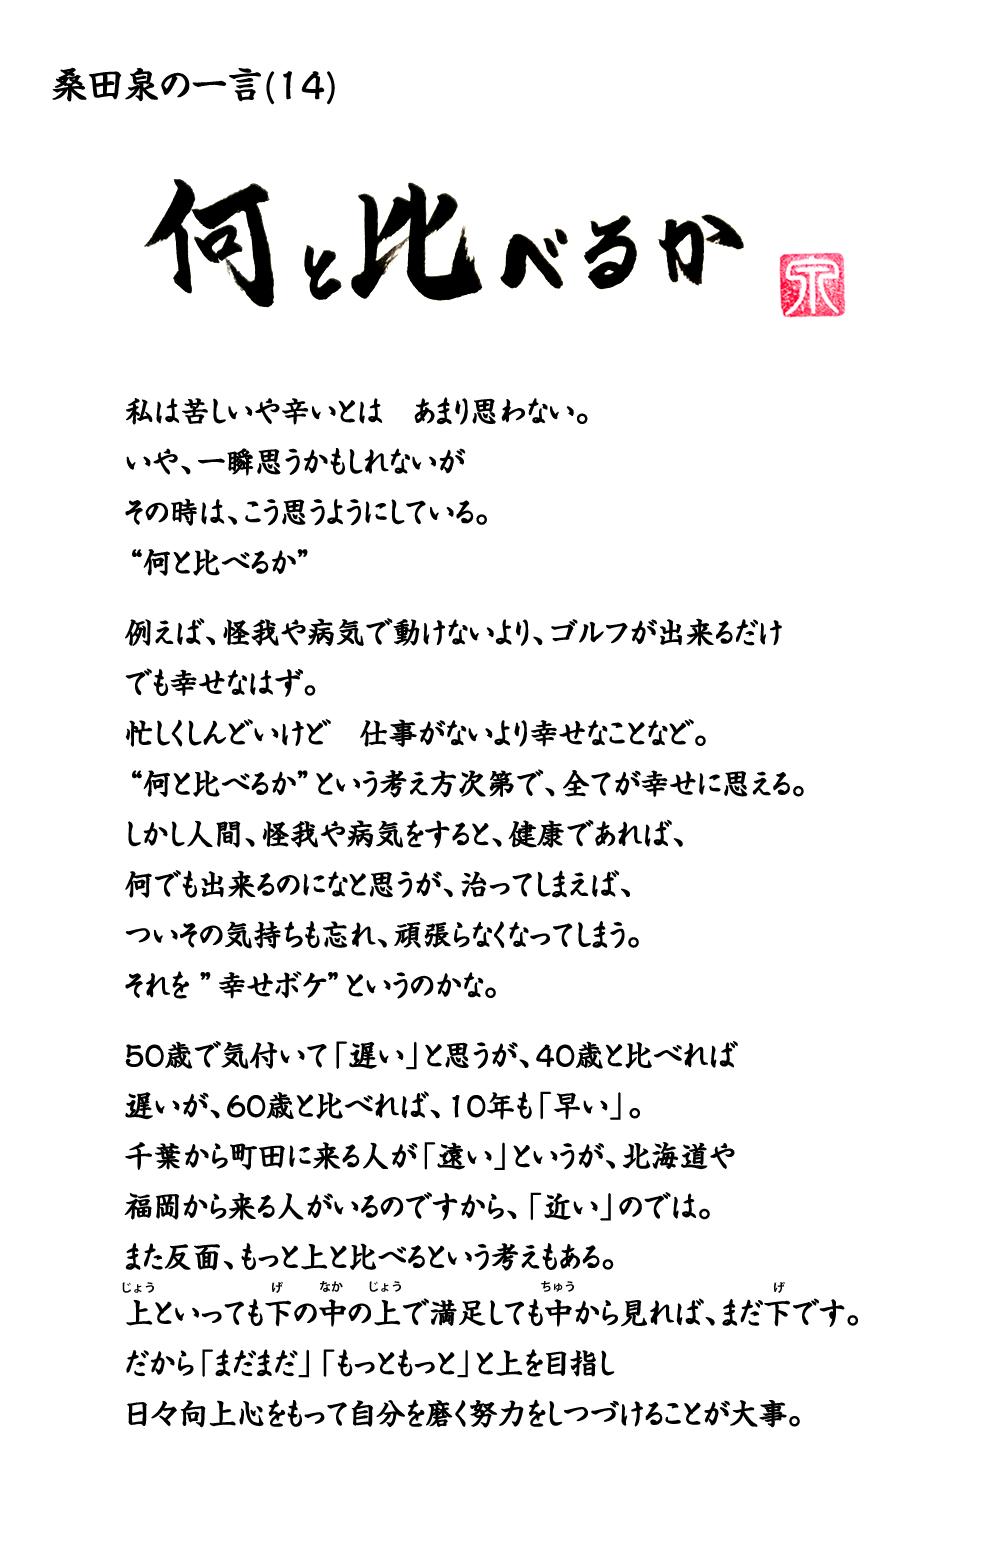 桑田泉の一言 何と比べるか 14_20180211